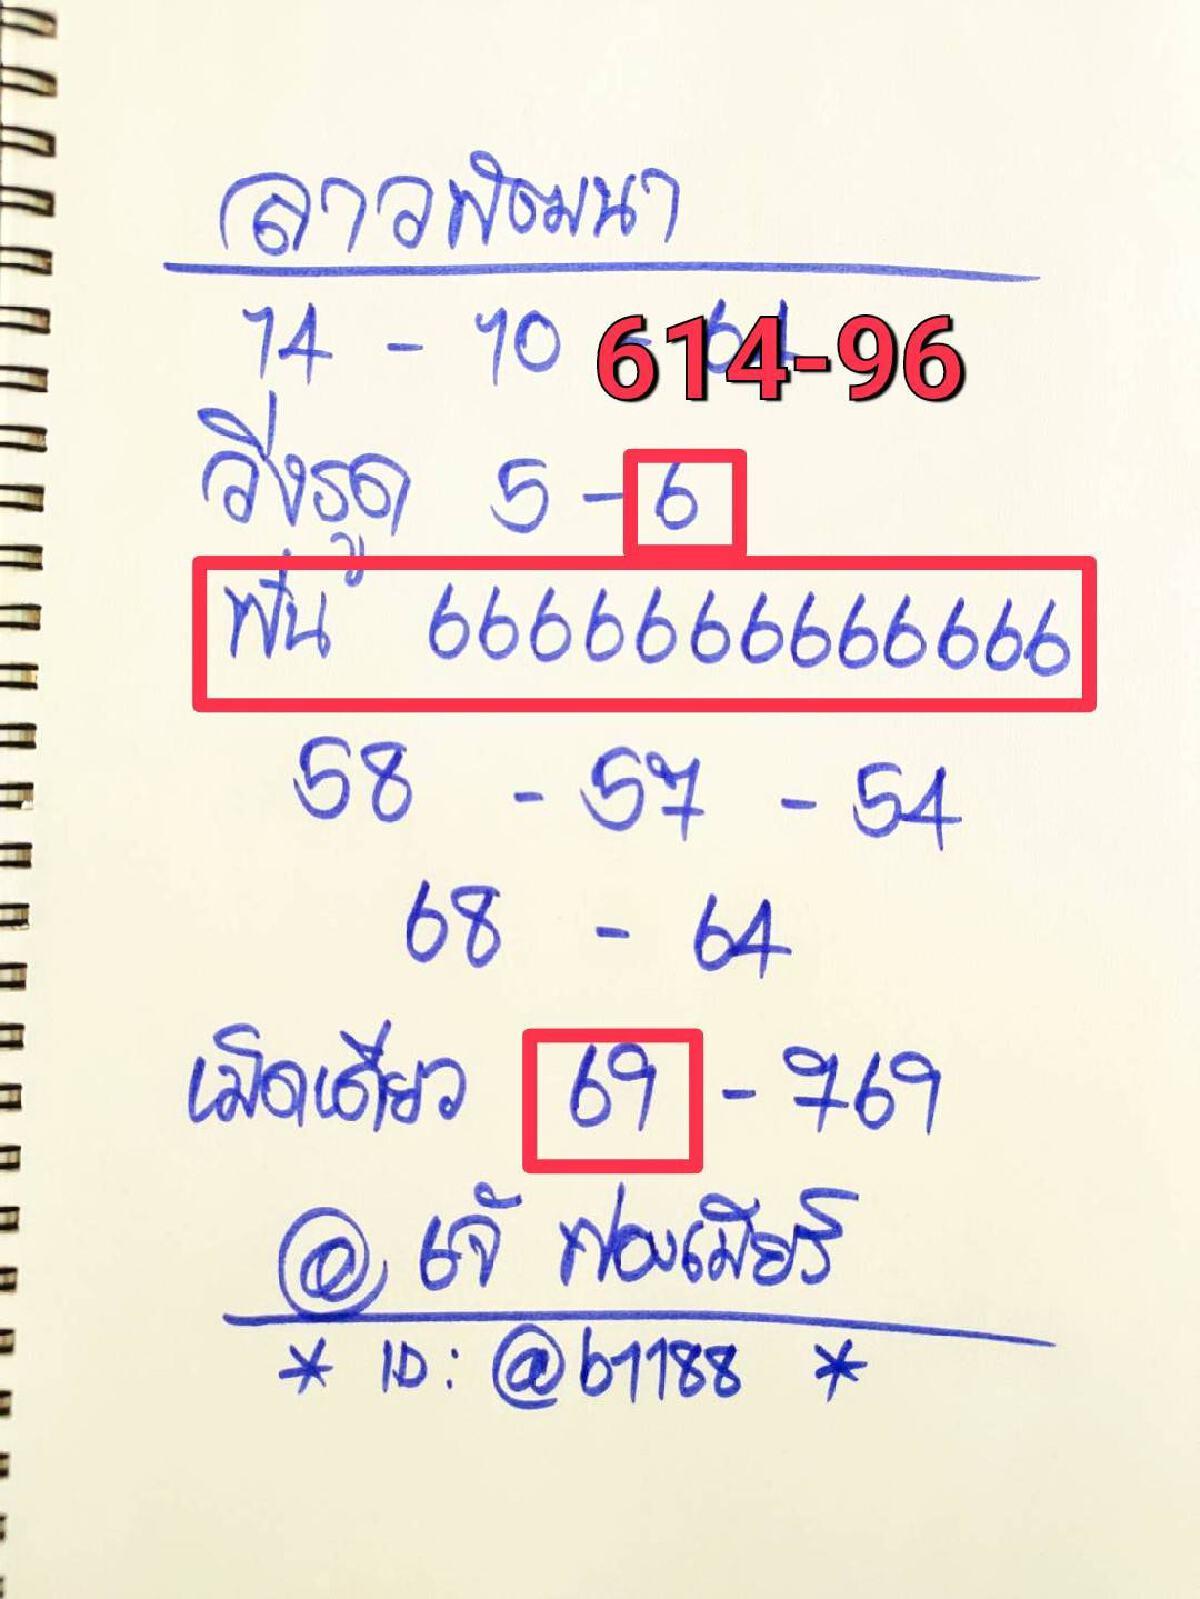 เลขเด็ด 16/10/64, หวยลาว, ลอตเตอรี่, สลากกินแบ่งรัฐบาล, หวยงวดนี้, หวย, 16 ตุลาคม 2564, ลาวพัฒนา, เจ๊ฟองเบียร์